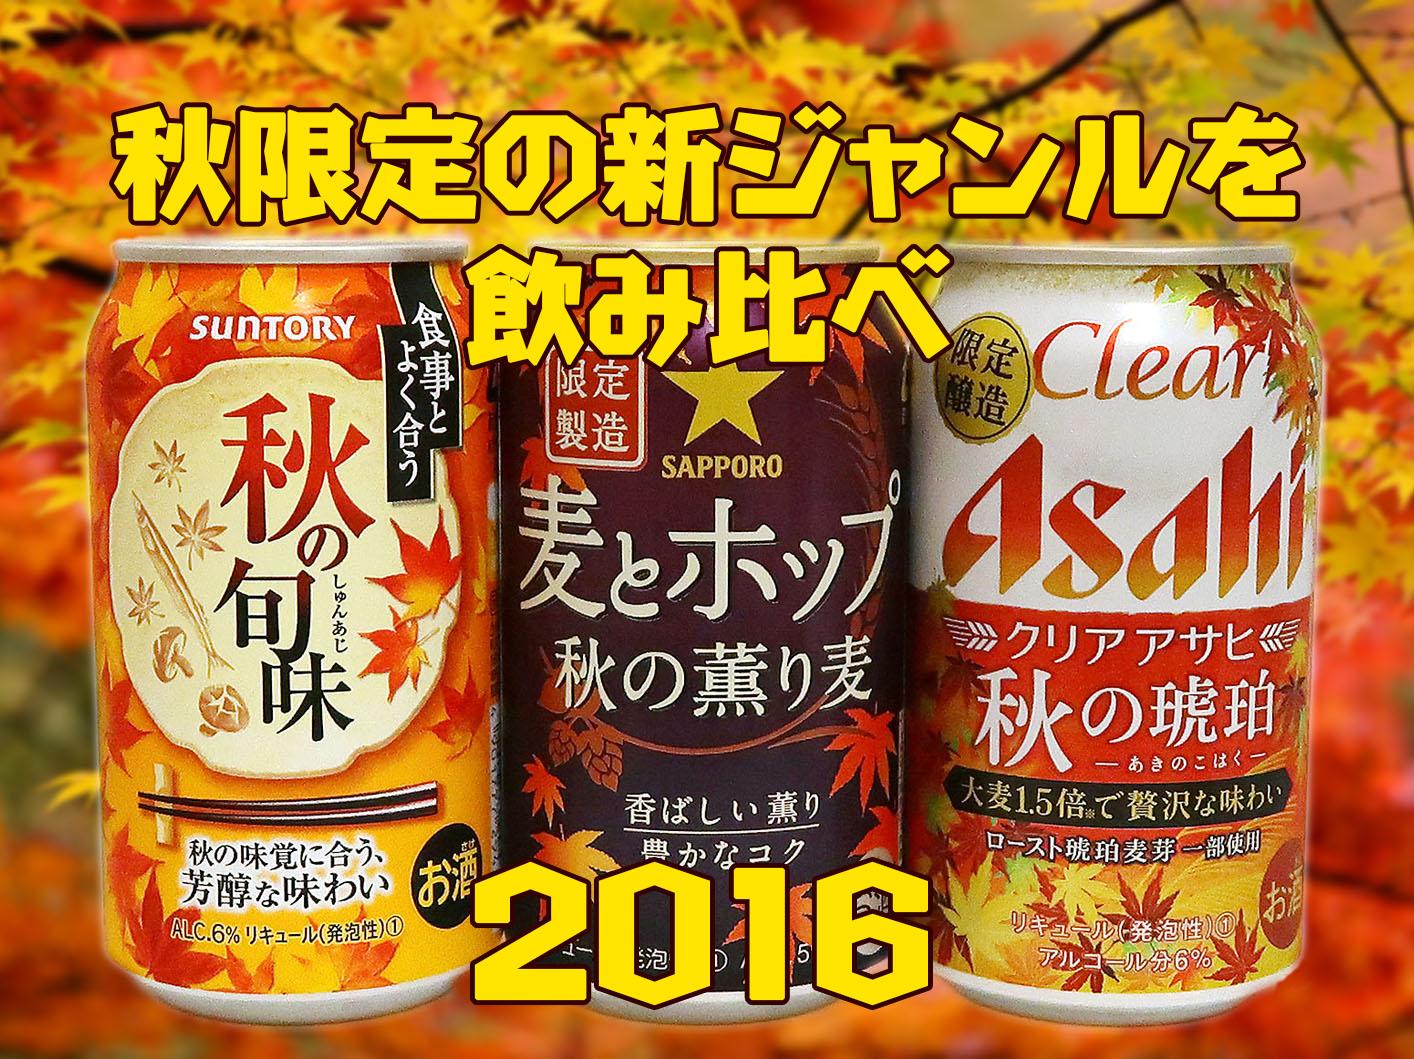 2016年秋限定の新ジャンルを飲み比べ